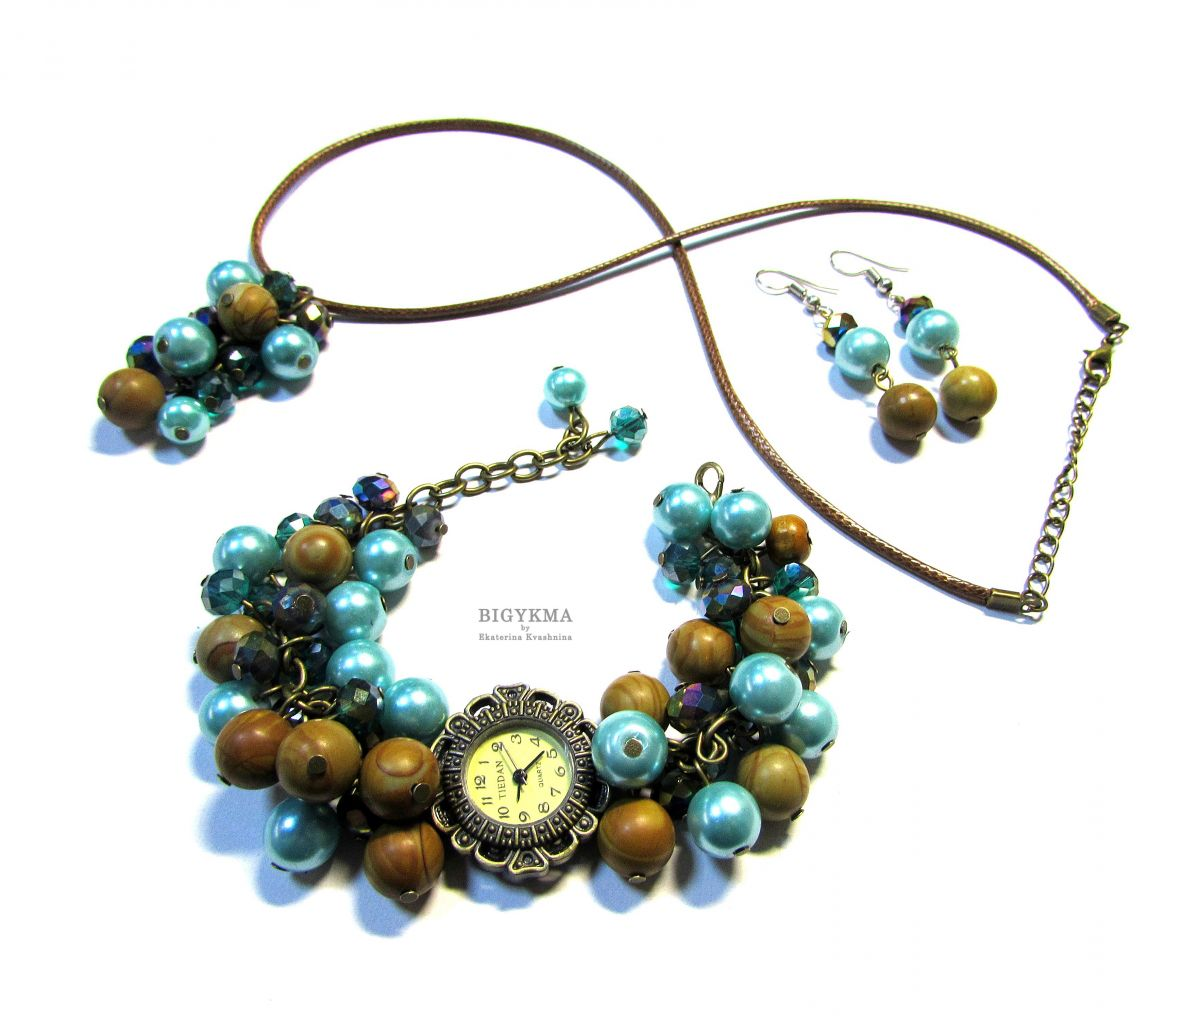 """Часы с яшмой """"Морские камушки"""". Комплект украшений: часы, кулон, серьги с натуральными камнями."""